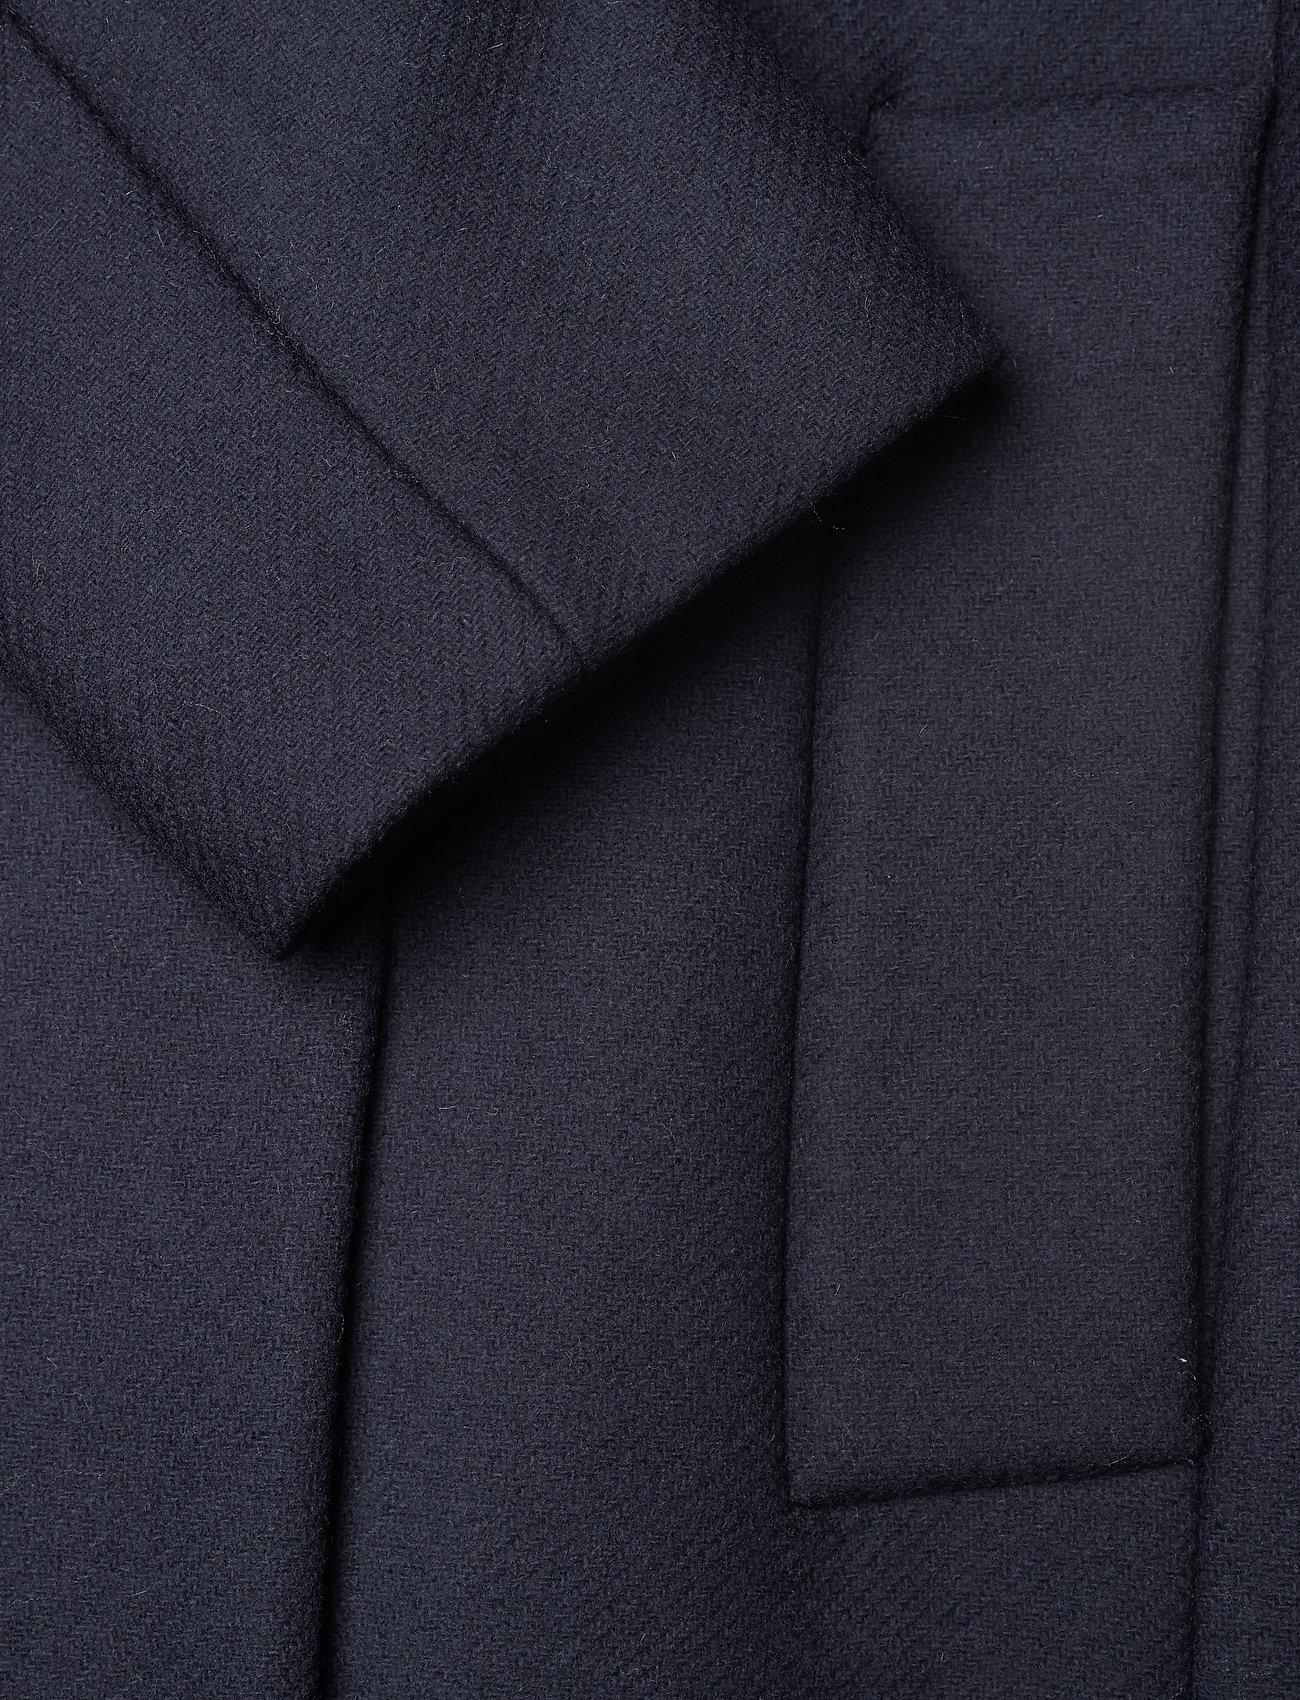 Tommy Hilfiger Belle Wool Blend Belted Coat - Jackor & Kappor Sky Captain